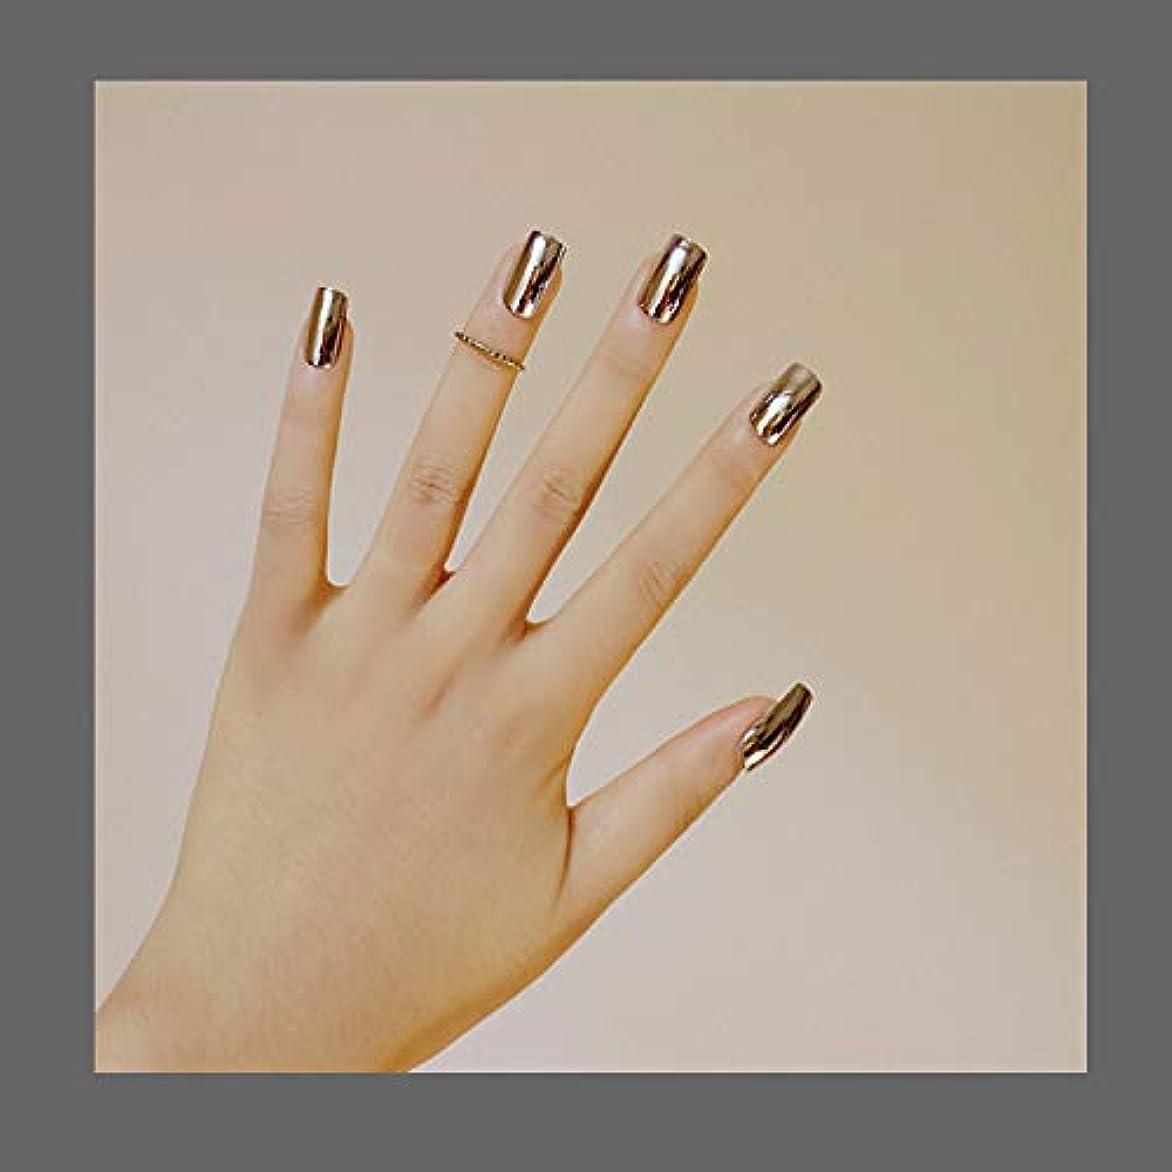 階層宙返り誤解させる欧米で流行るパンク風付け爪 色変化のミラー付け爪 24枚付け爪 フラットヘッド 銀